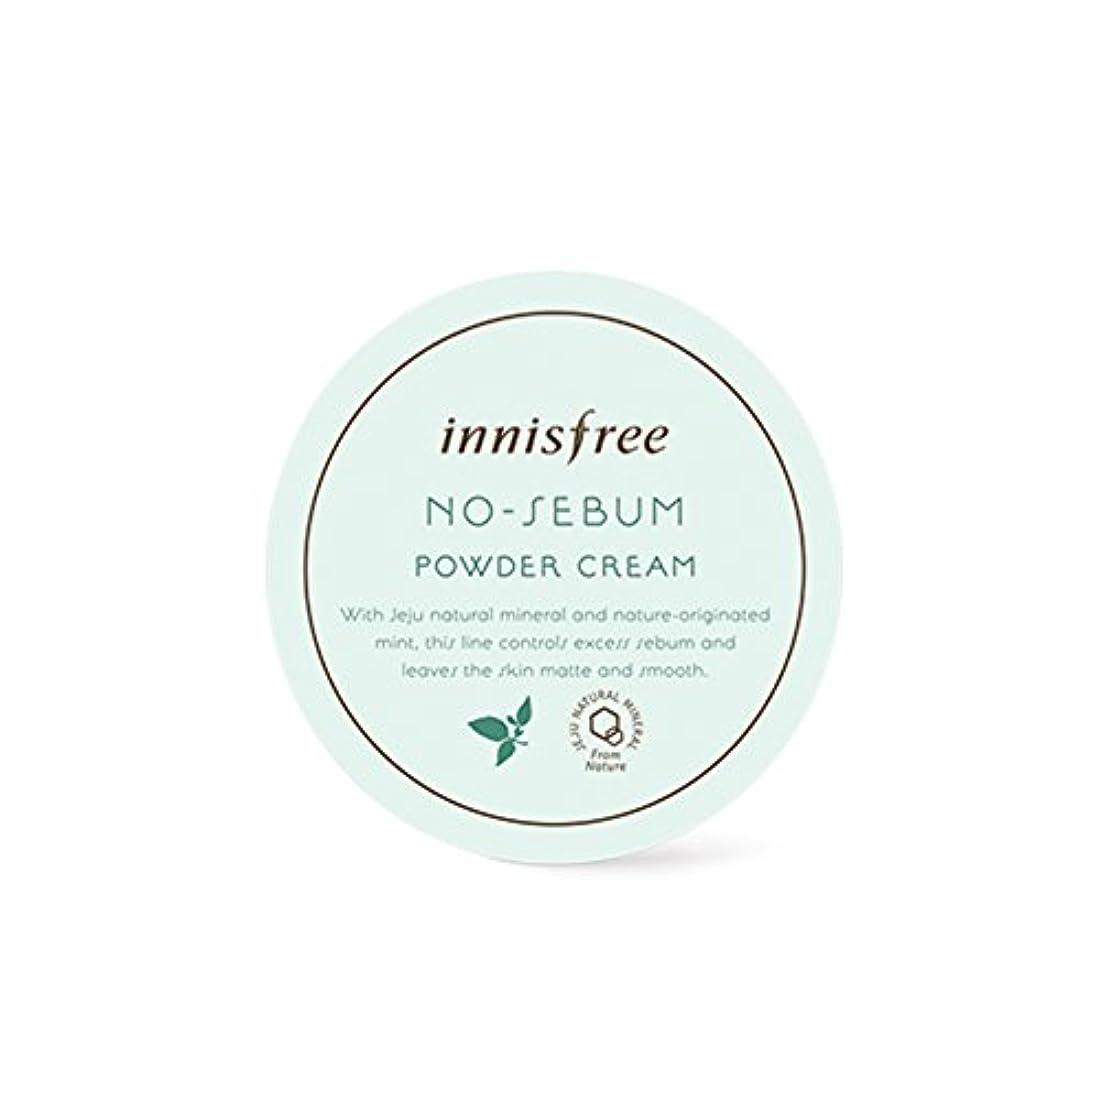 劇作家咲くメイエライニスフリー[ Innisfree ]ノー皮脂パウダークリーム25g、油性スキンケア、オイルコントロール用[No-Sebum Powder Cream 25g, for Oily Skin Care, Oil Control...